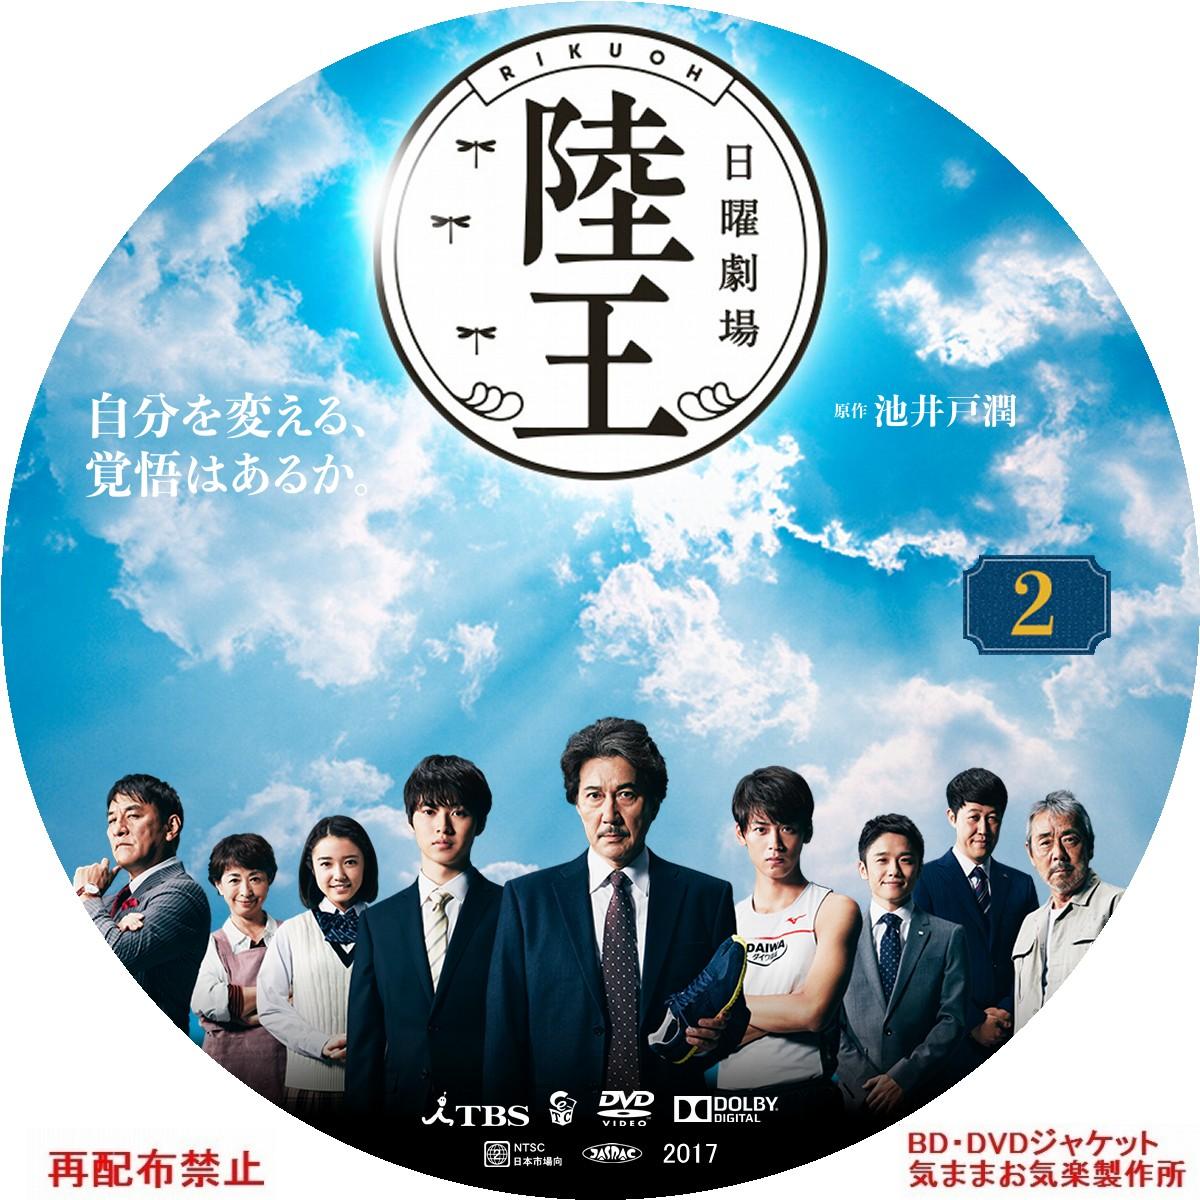 rikuou_DVD02.jpg